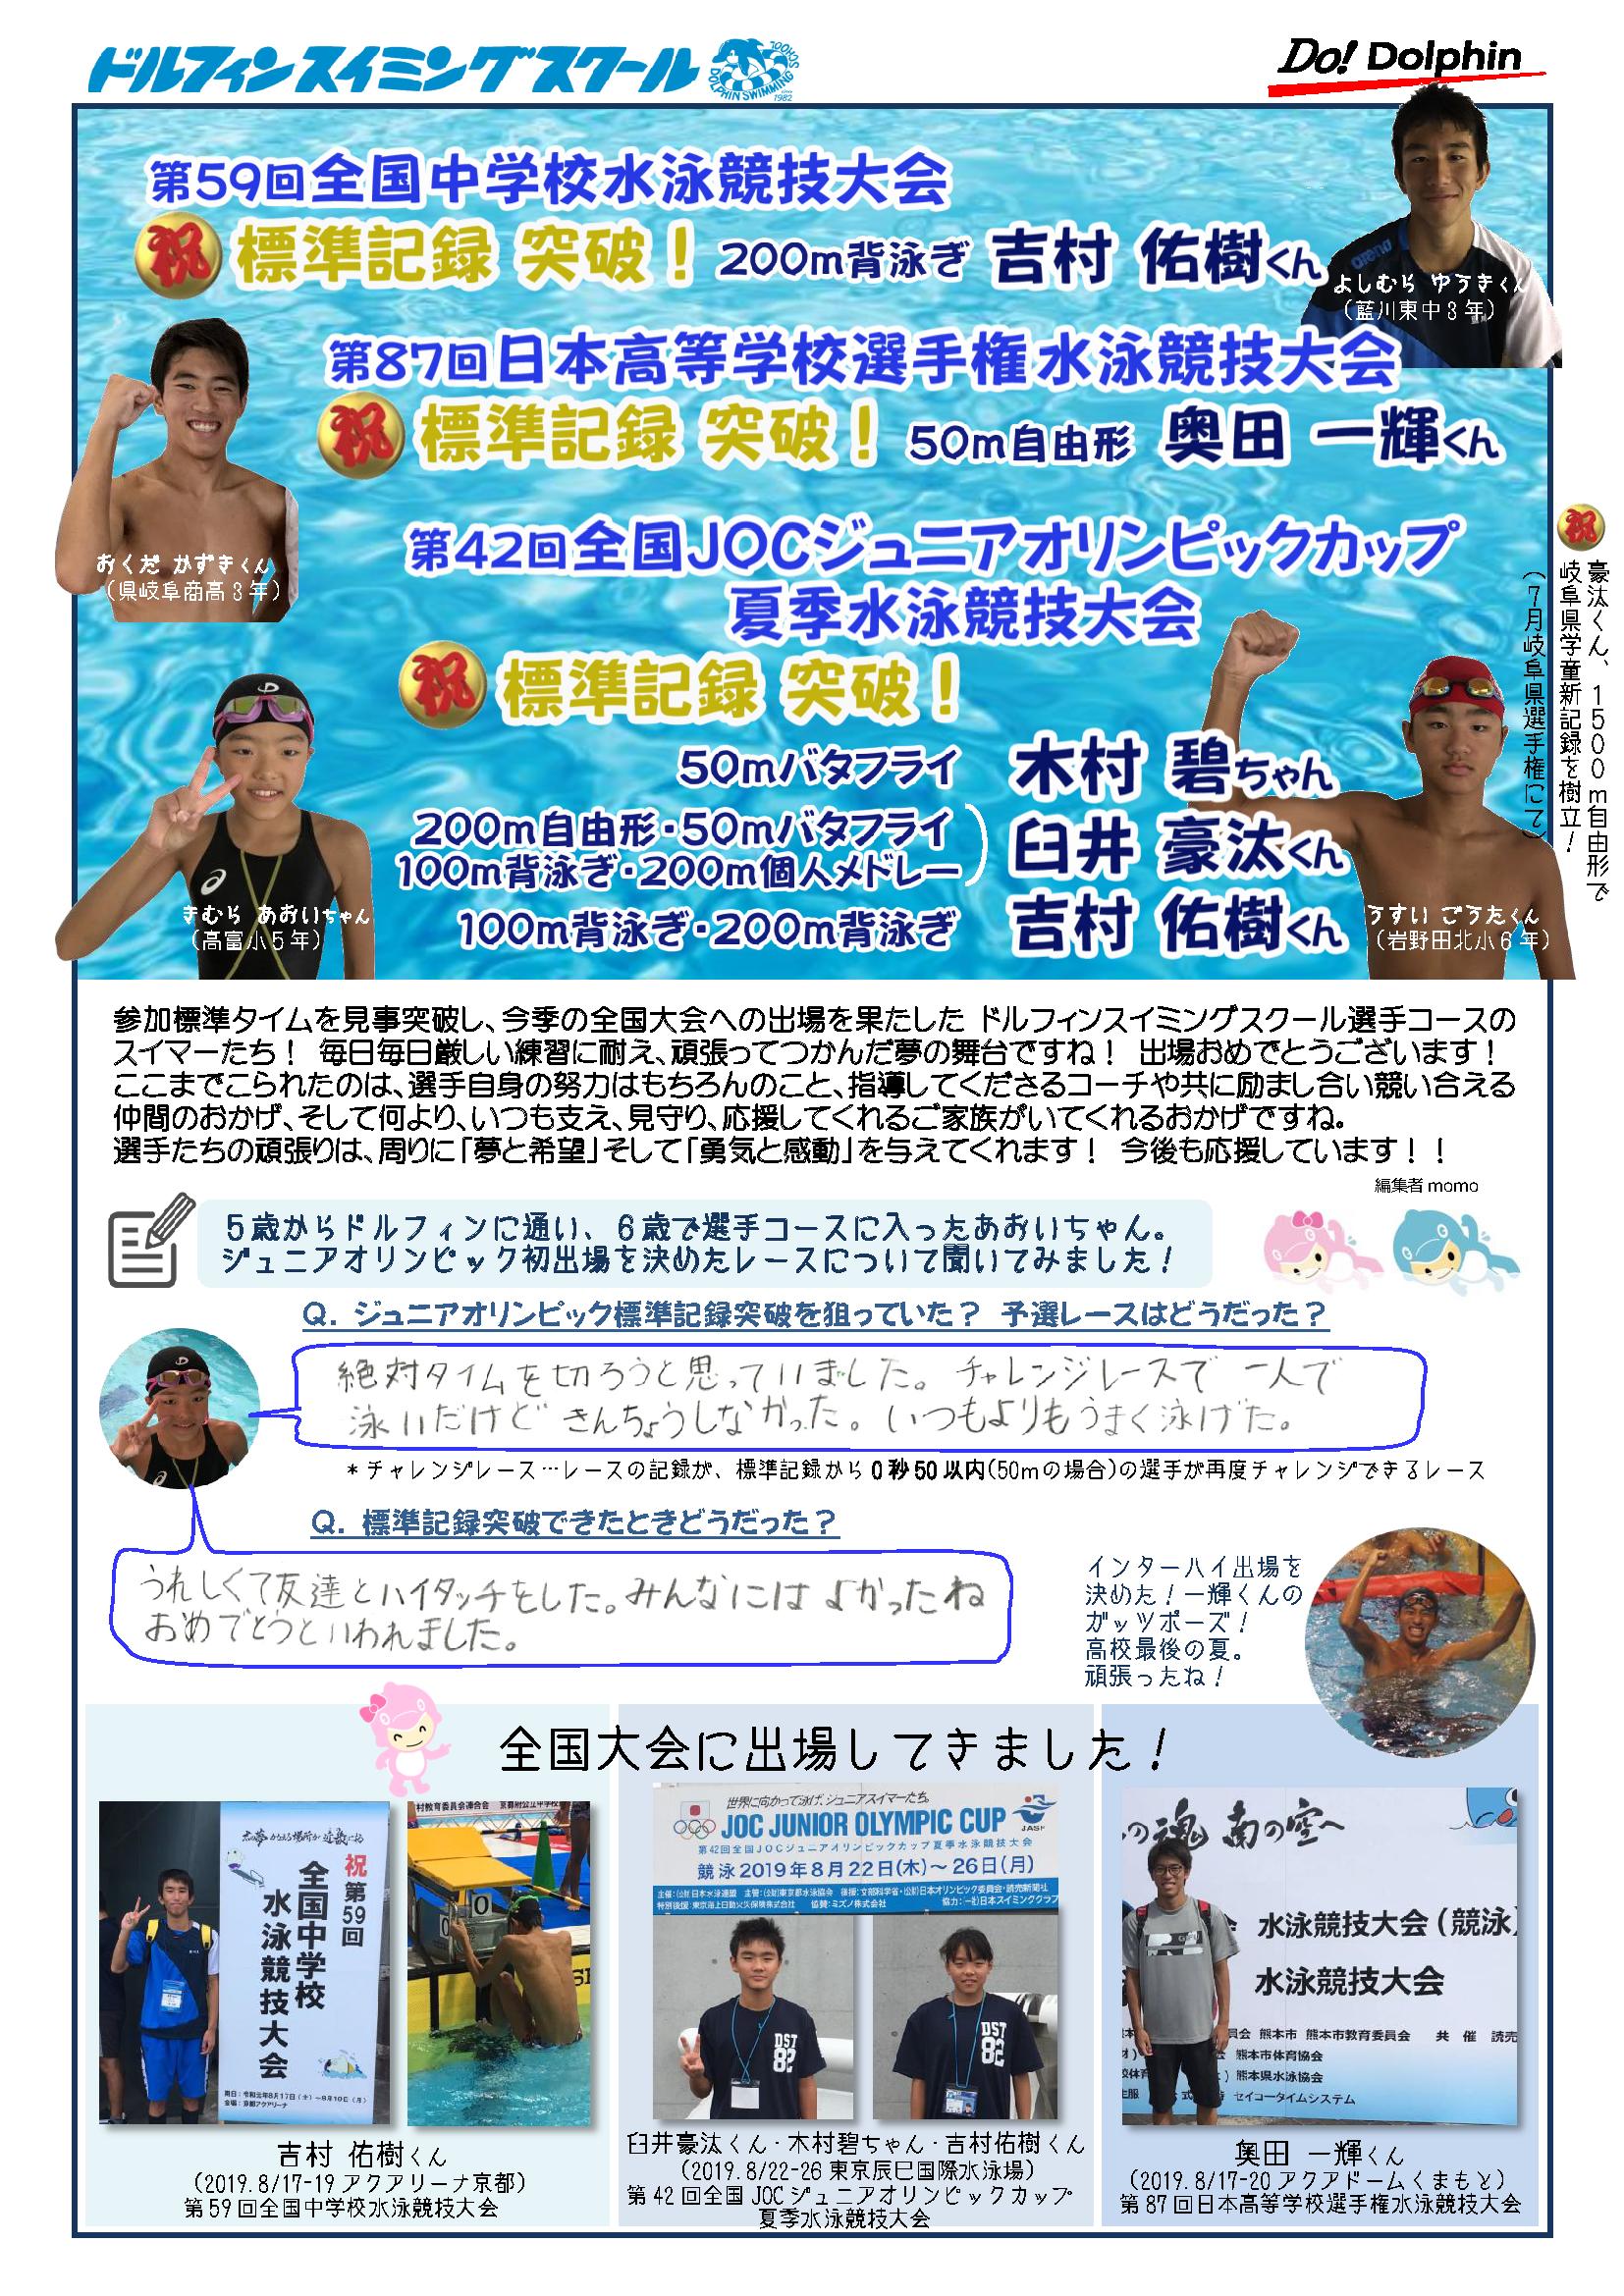 ドルフィン広報誌9月号校了_ページ_4